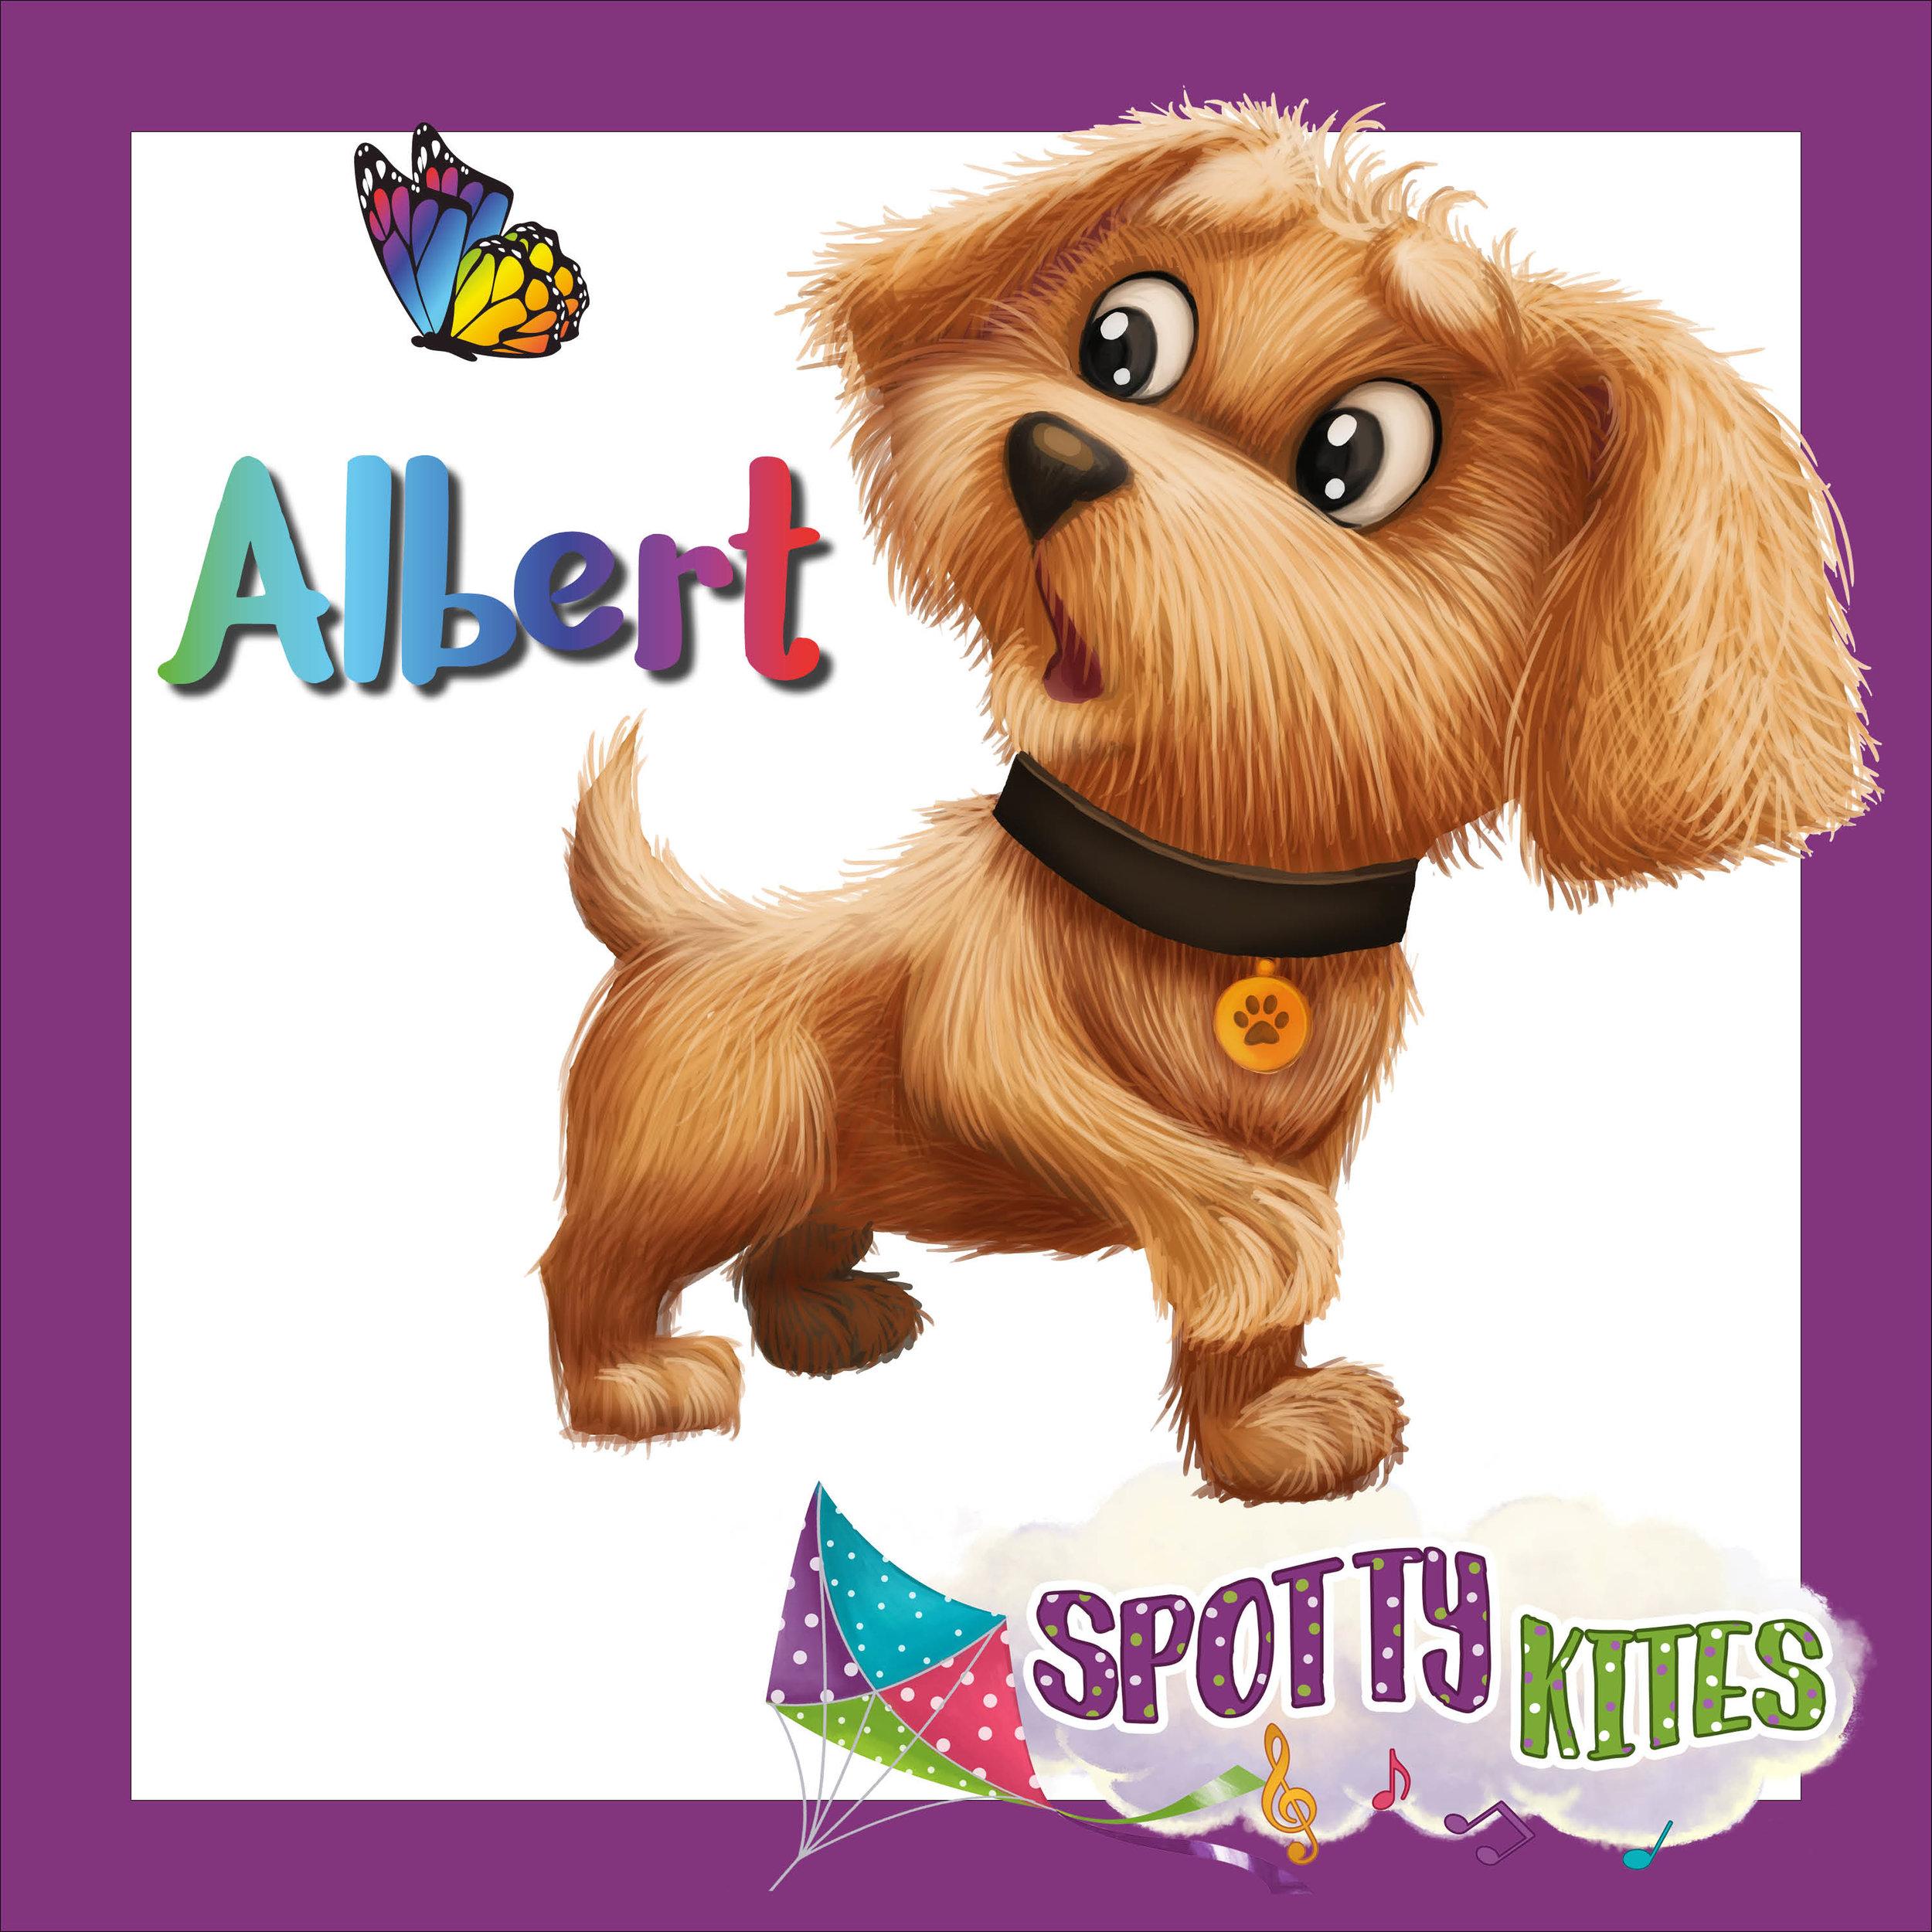 Spotty Kites Albert.jpg